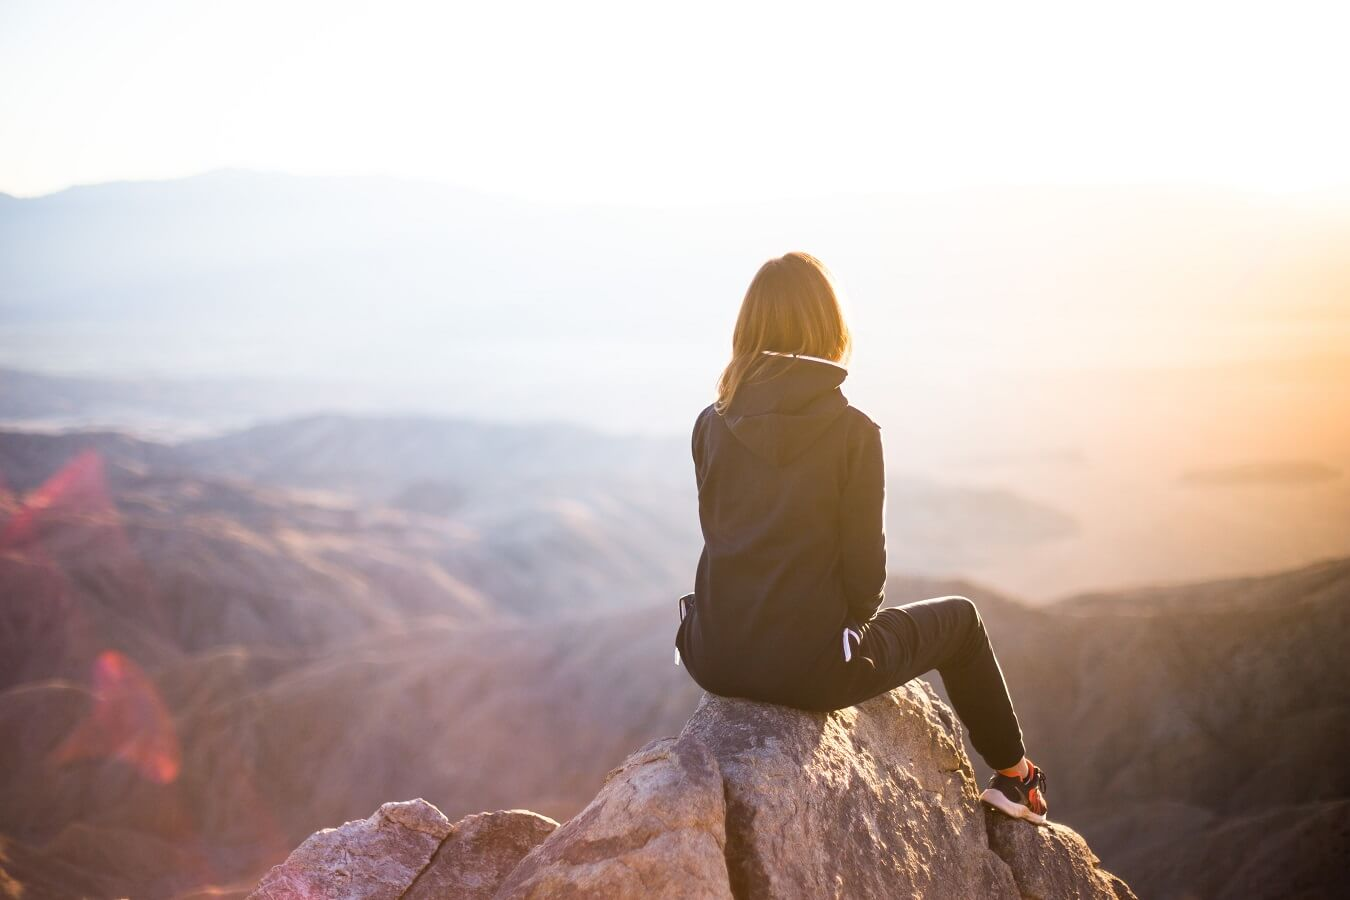 życie to nie zdobywanie szczytów